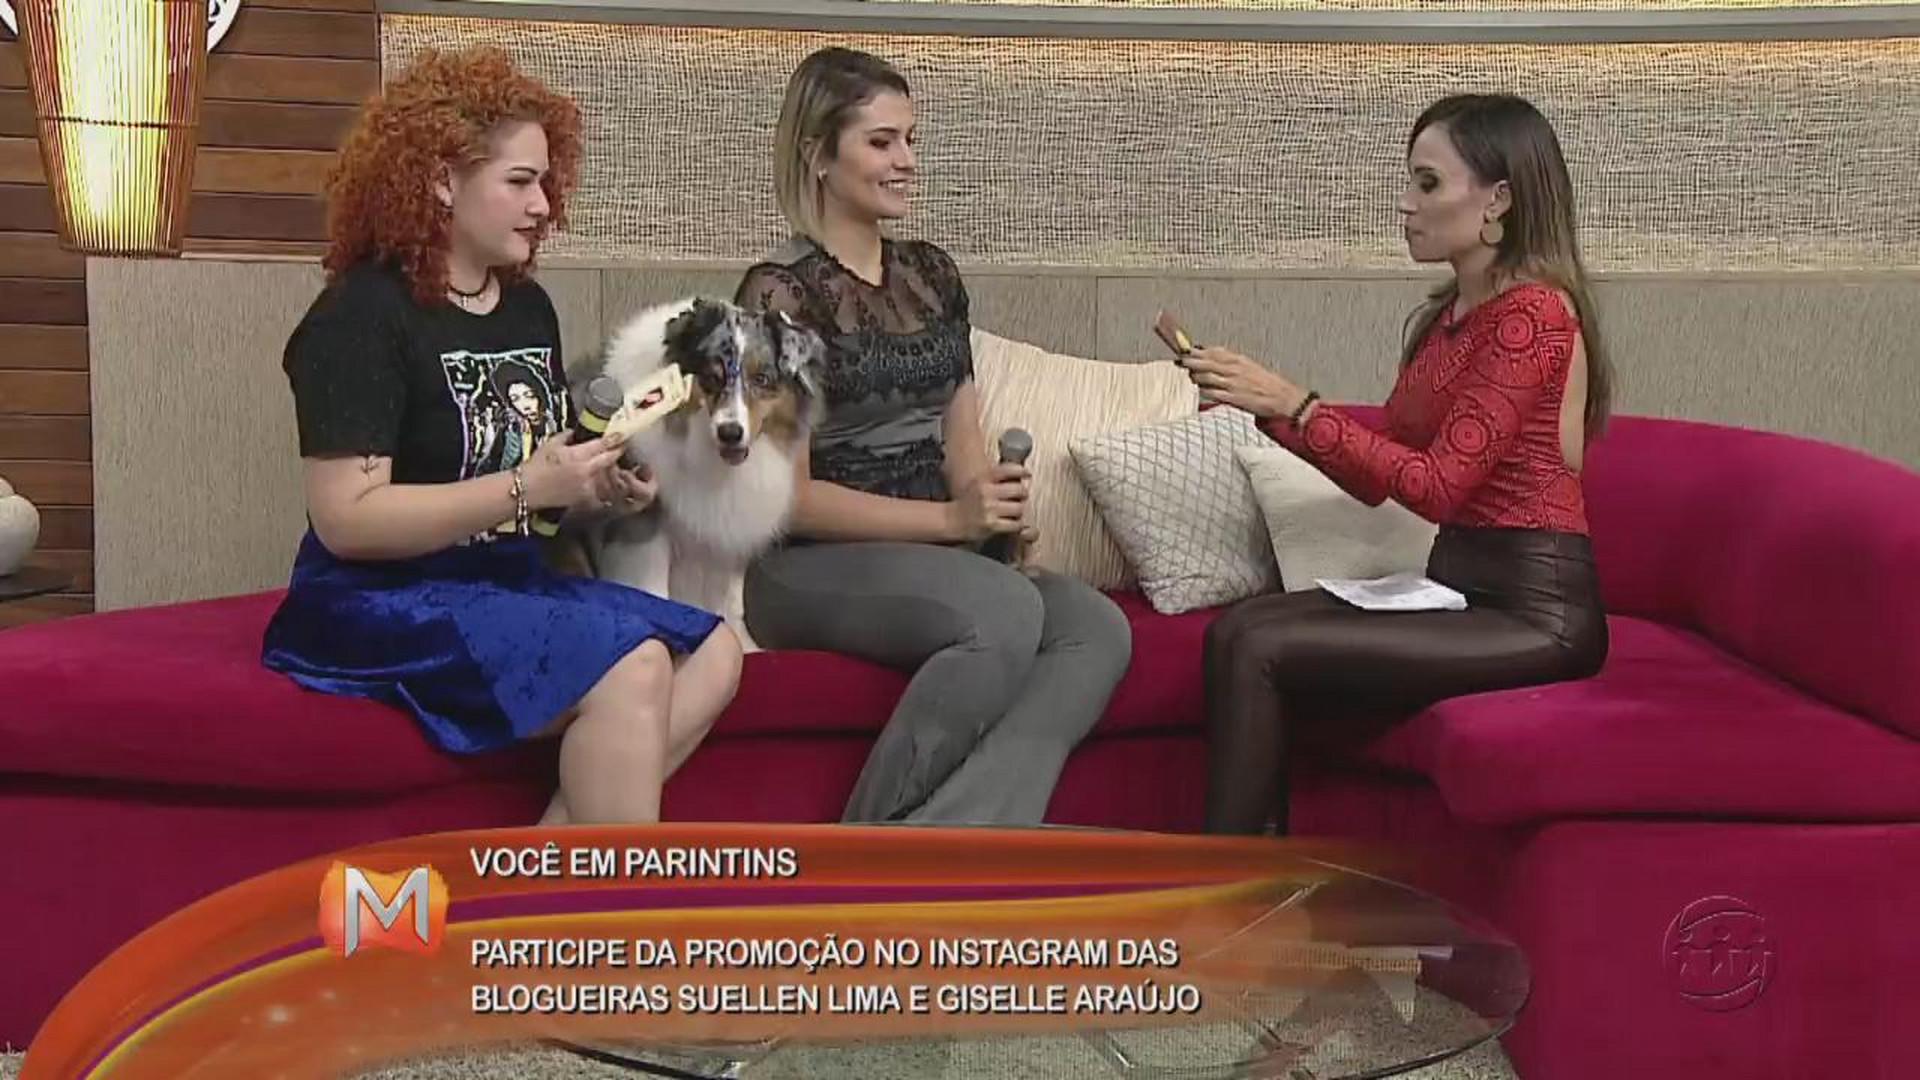 ÚLTIMA CHANCE: BLOGUEIRAS VÃO LEVAR SEGUIDORES PARA CURTIR O FESTIVAL - Magazine - 26/06/17